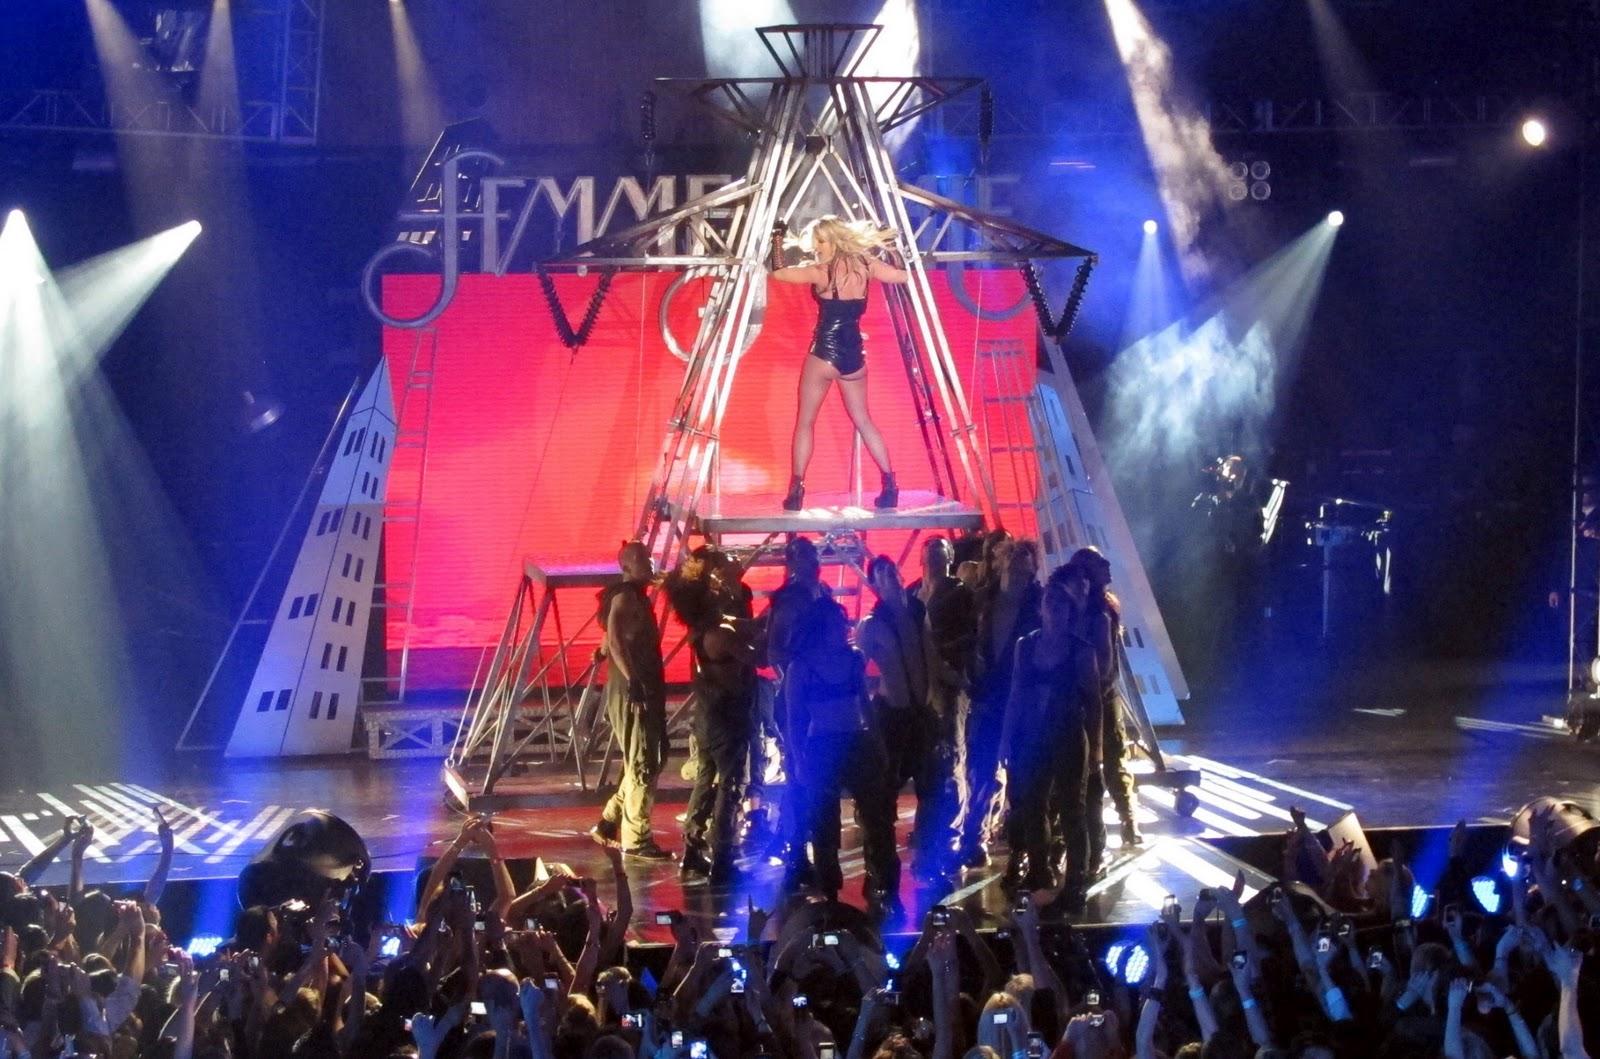 http://2.bp.blogspot.com/-9Dwa-FTg_9w/TZWyCxW0yHI/AAAAAAAAAgU/P802YAZXX58/s1600/Britney-Spears10.jpg